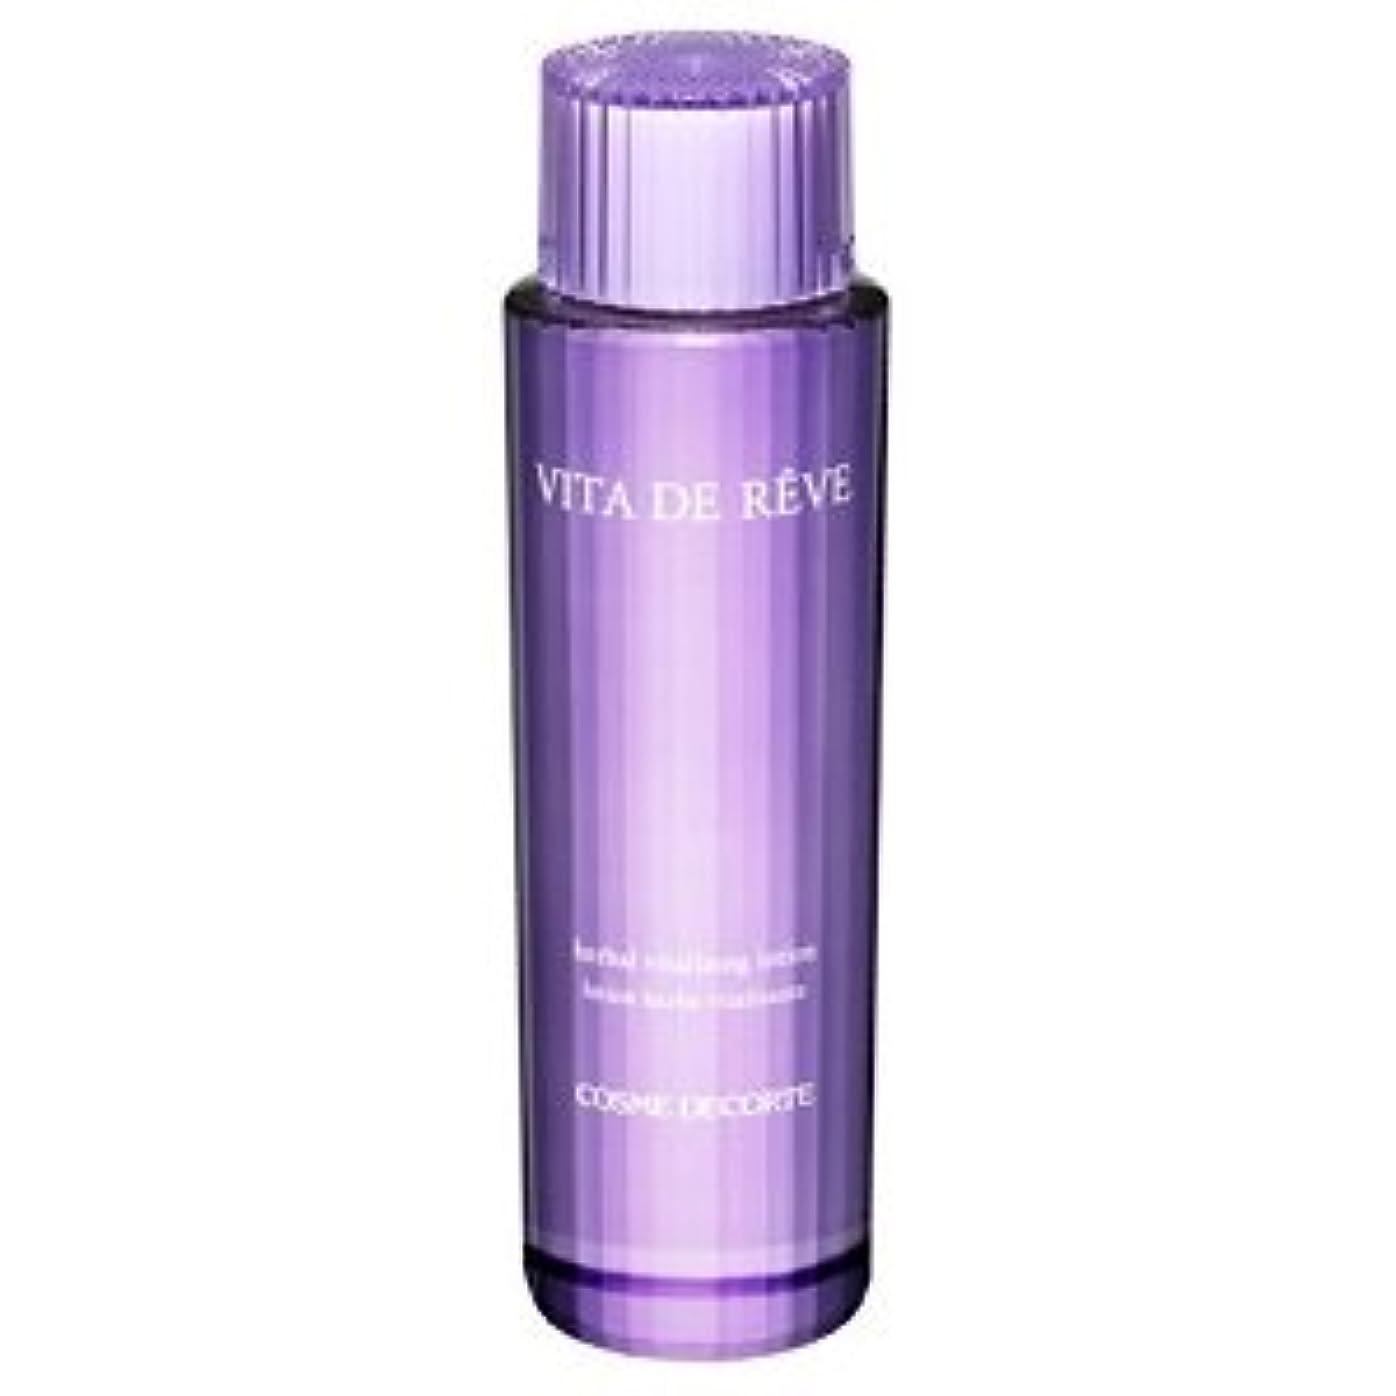 さわやか完全に新しい意味コスメデコルテ ヴィタ ドレーブ 150ml 化粧水 アウトレット